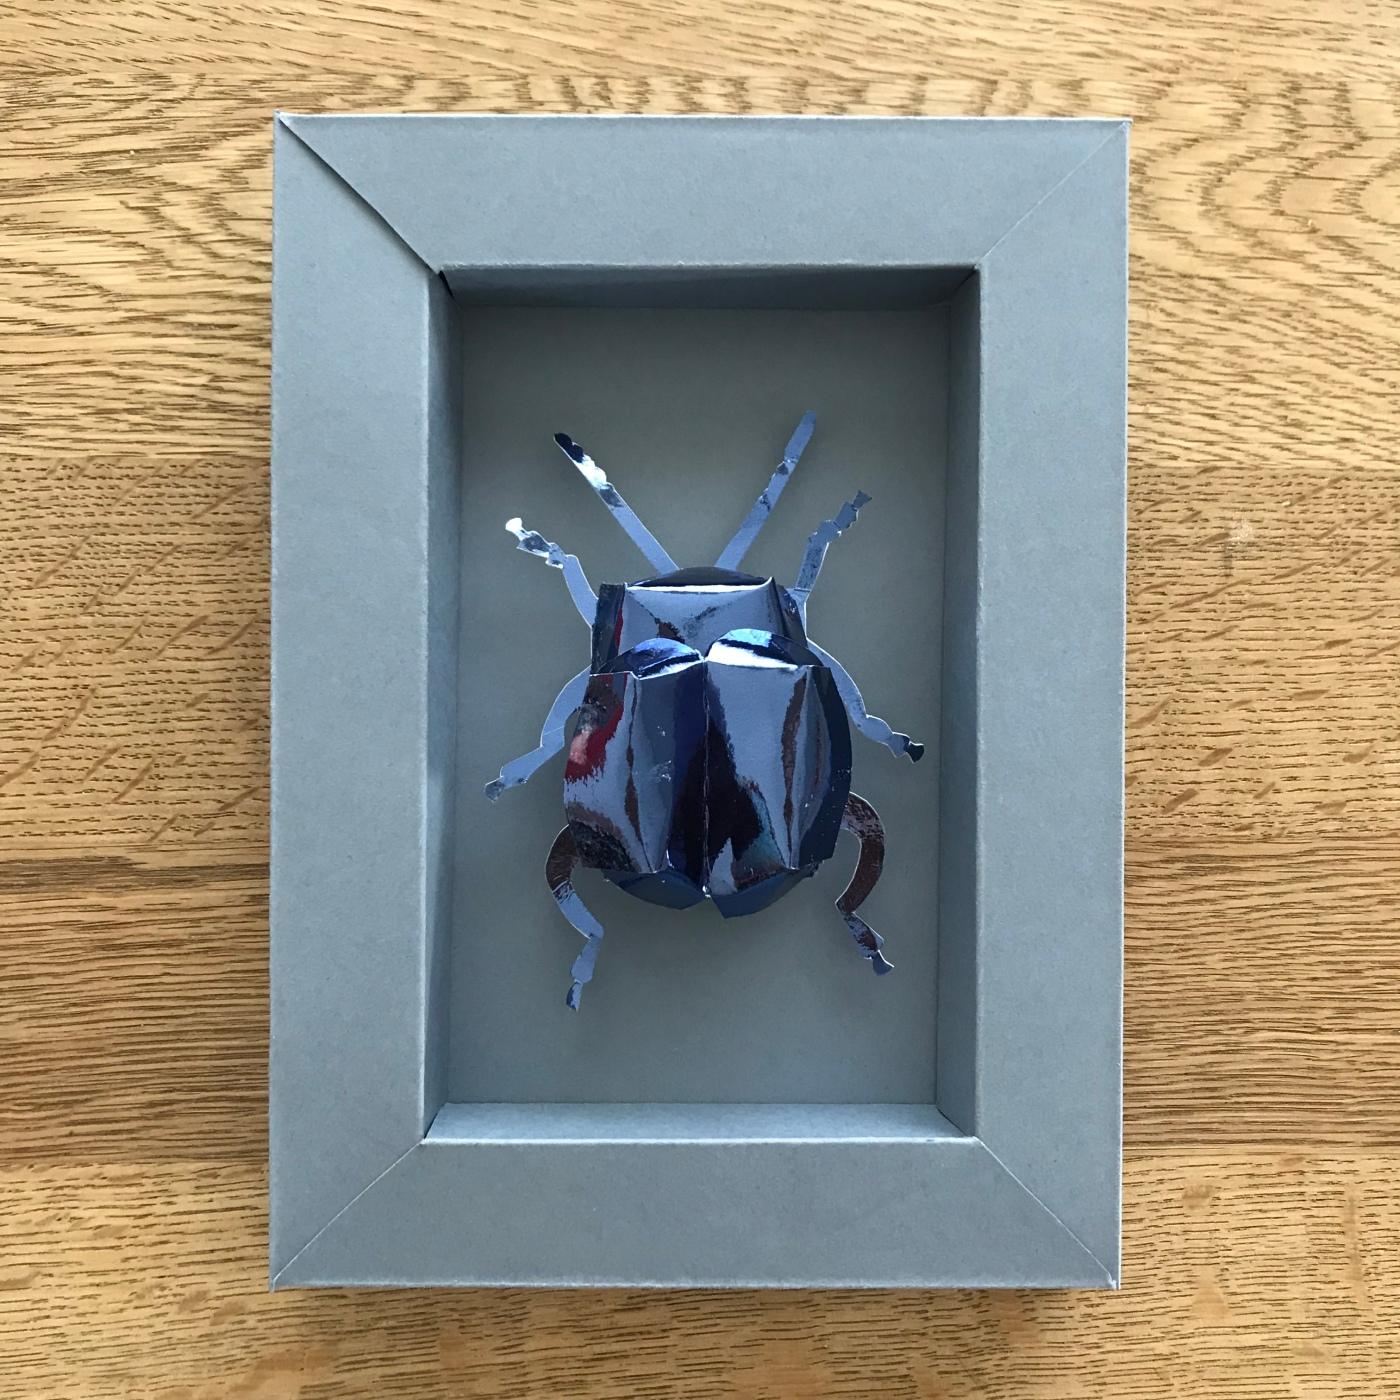 Scarabée d'expositIon - DIY - bricolage enfant - craft for kids - pliage - papier - origami - insecte encadré - cadre - Image à la une